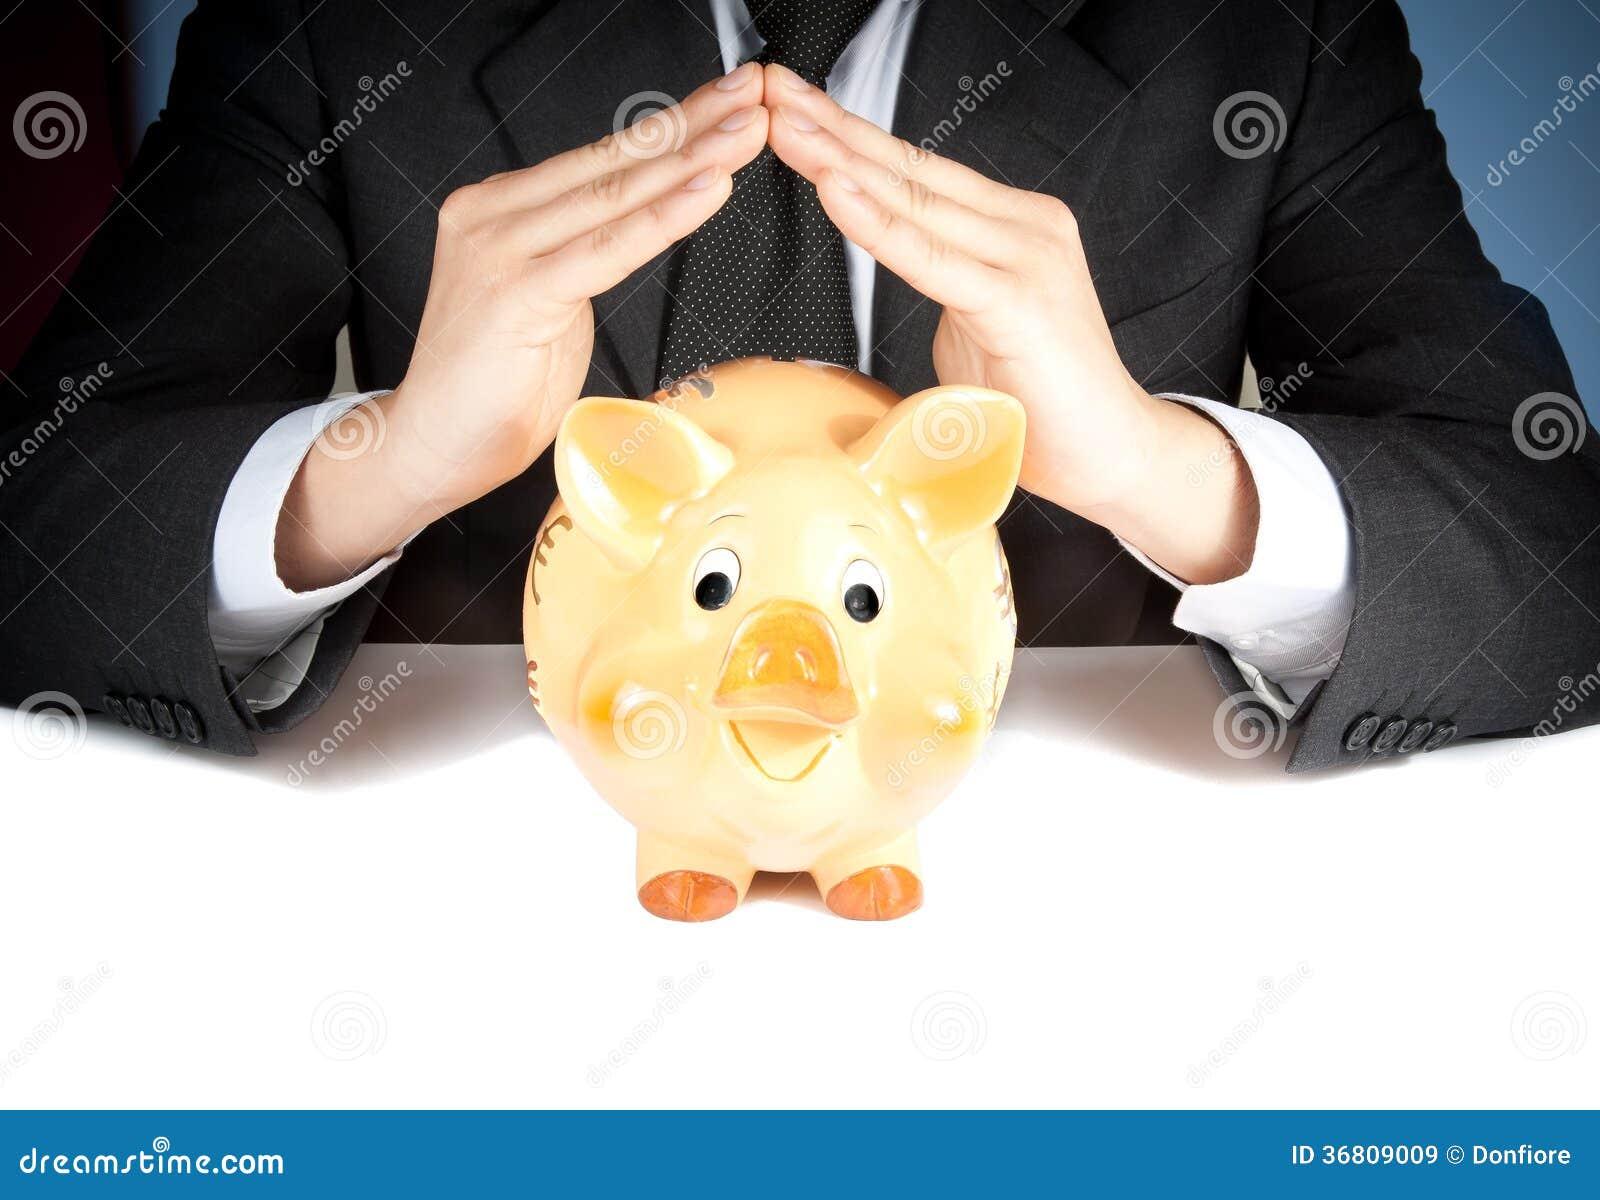 Ένας επιχειρηματίας κάνει με το χέρι του ένα σπίτι πίσω από μια piggy τράπεζα, έννοια για την επιχείρηση και κερδίζει χρήματα